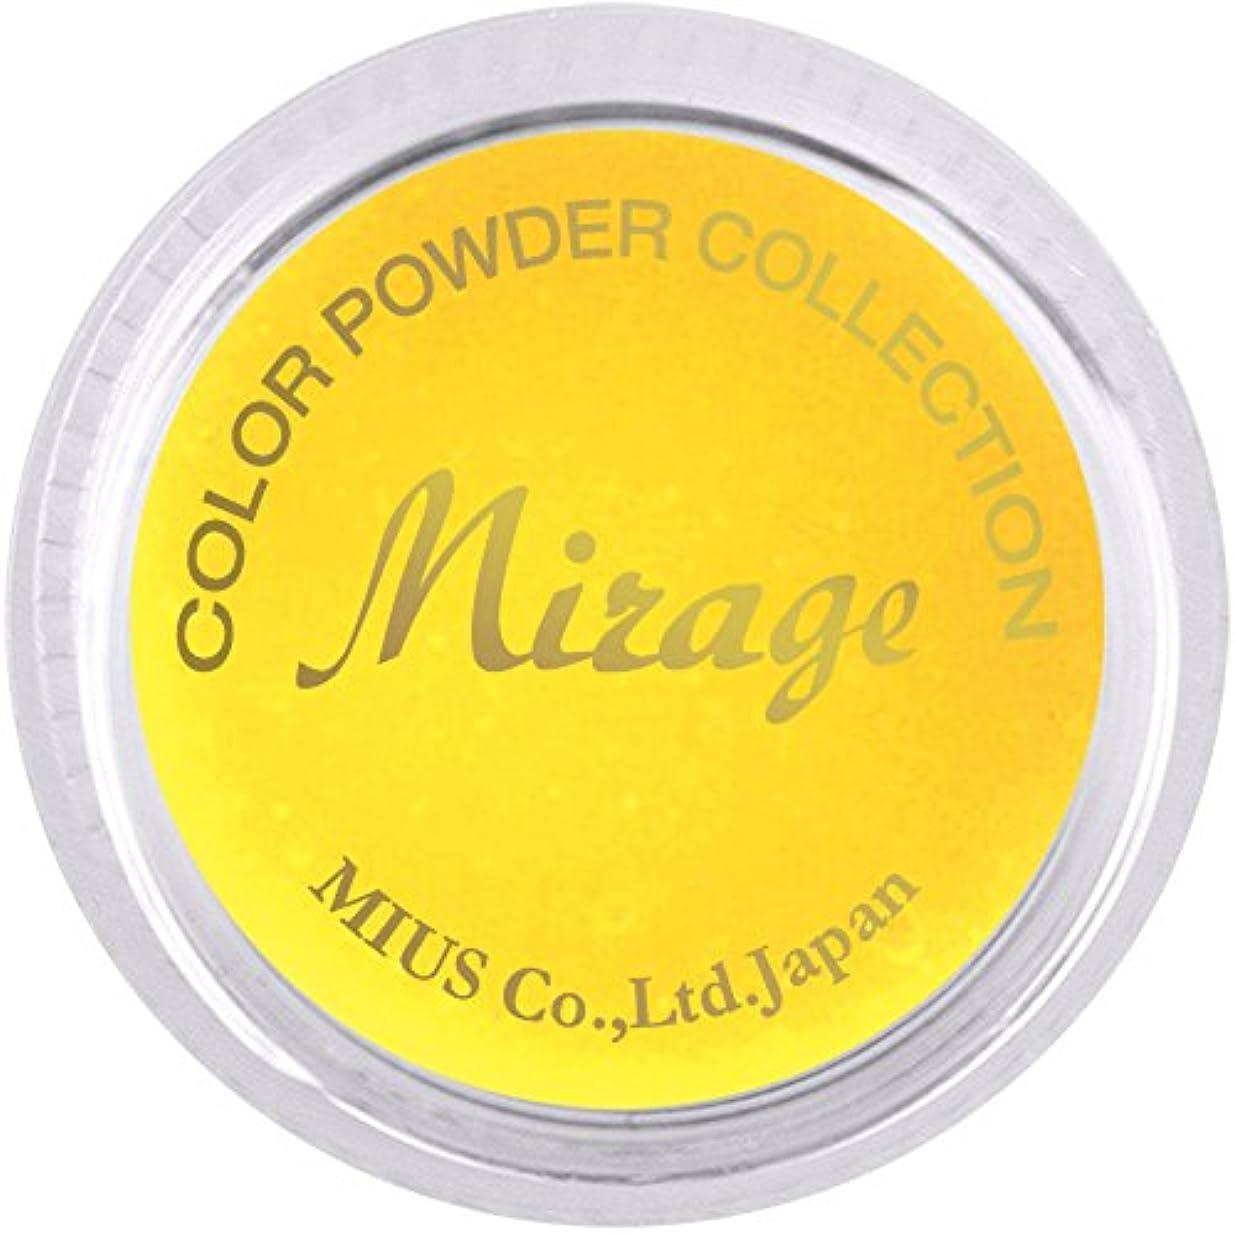 木曜日平行アデレードミラージュ カラーパウダー N/CPS-1  7g  アクリルパウダー 色鮮やかな蛍光スタンダードカラー